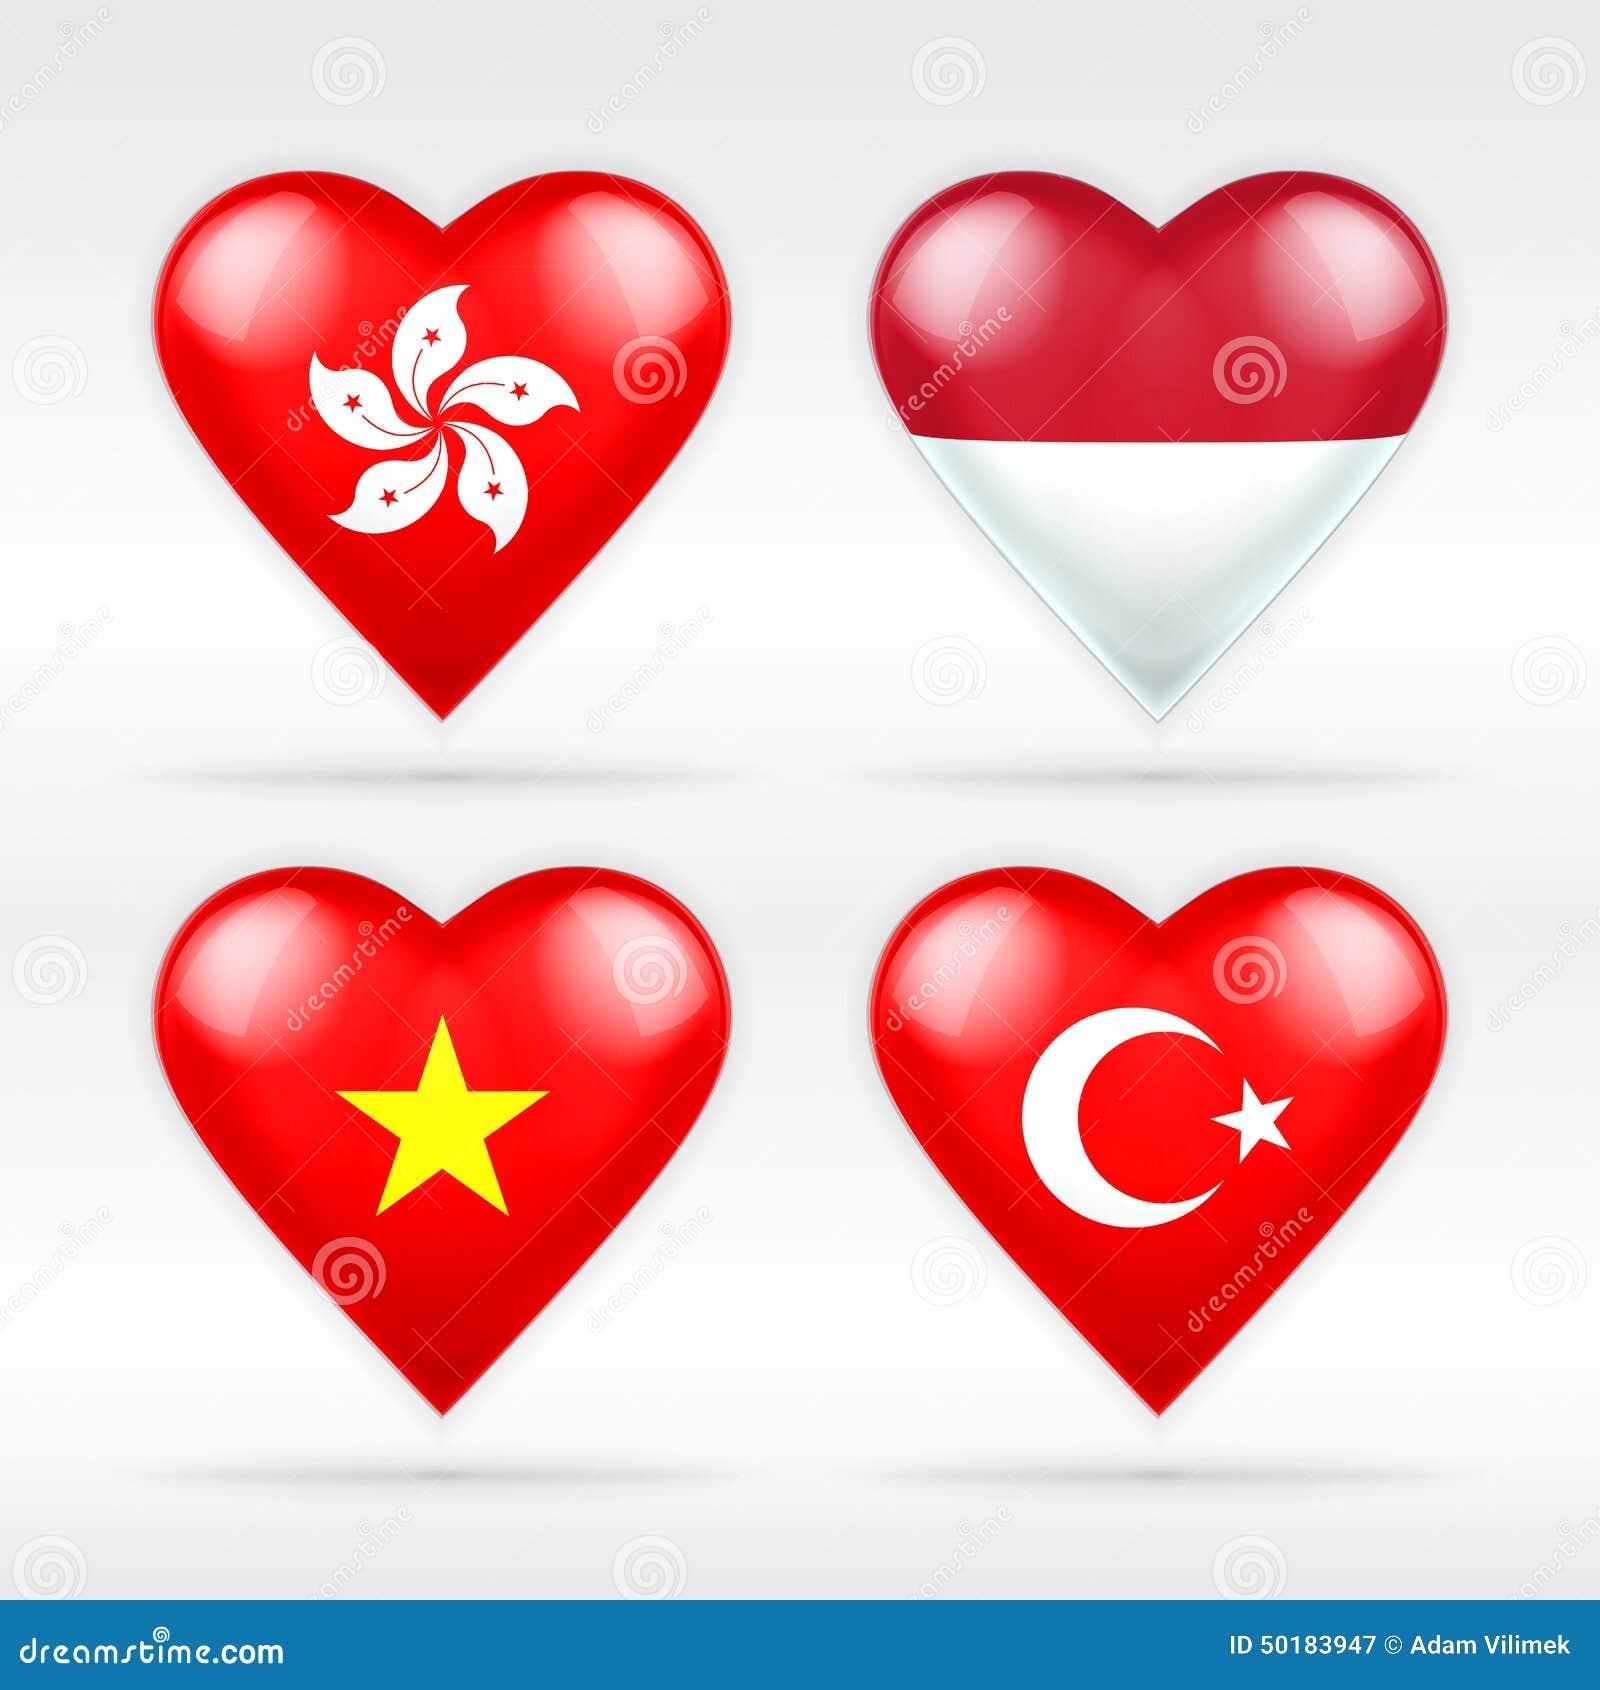 Sistema de la bandera del corazón de Hong Kong, de Indonesia, de Vietnam y de Turquía de estados asiáticos